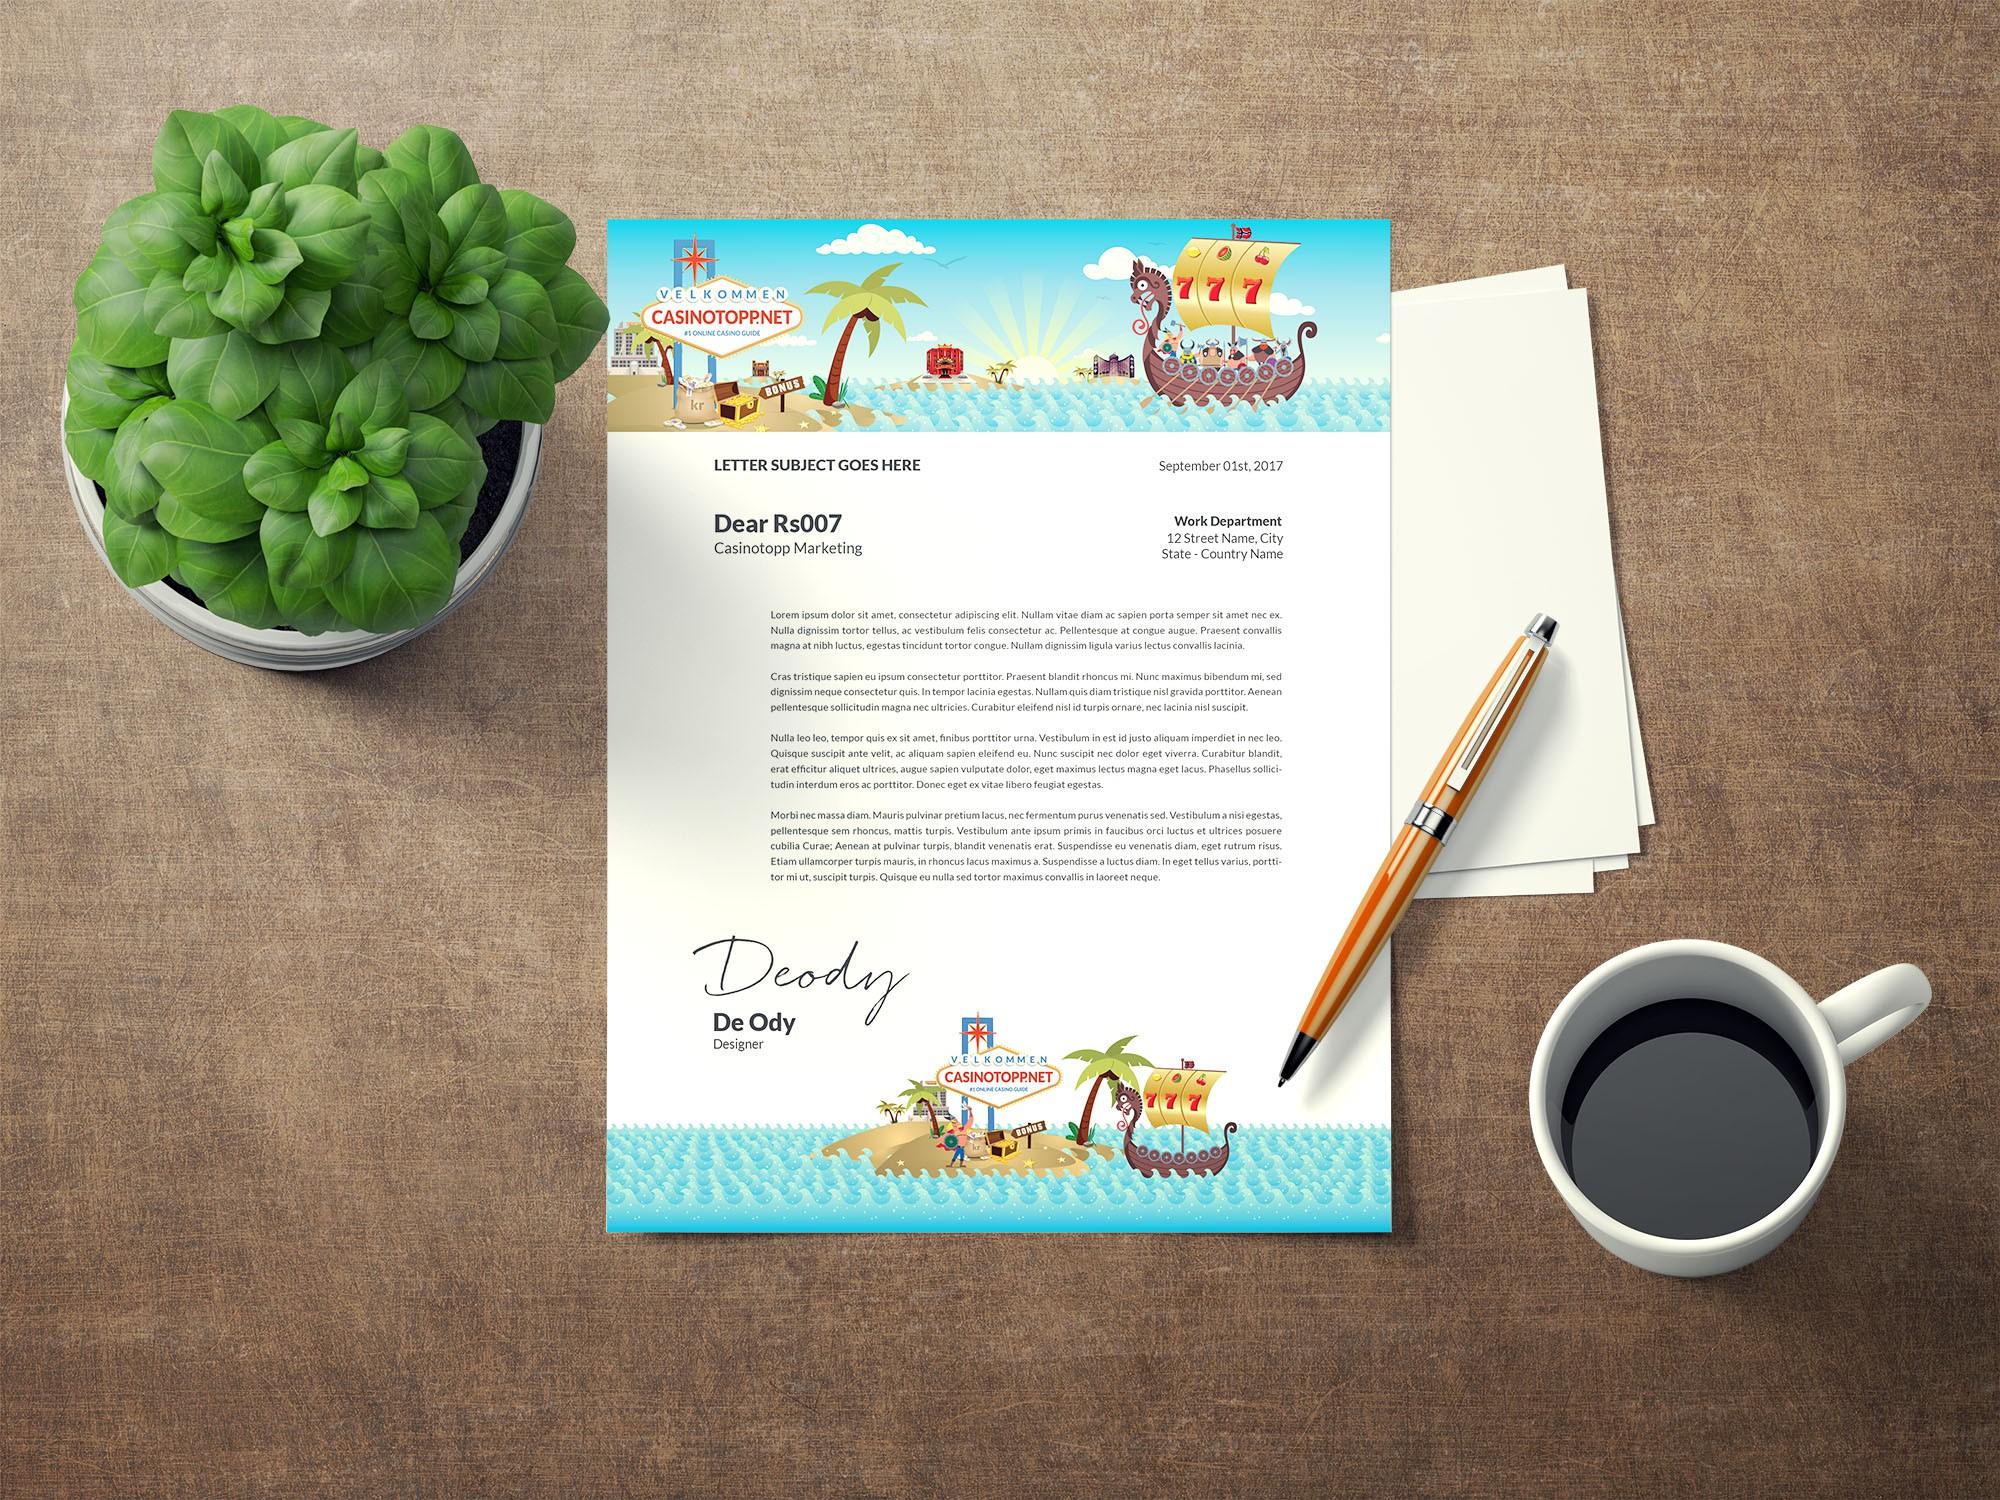 Design a minimalistic letterhead for https://www.casinotopp.net/